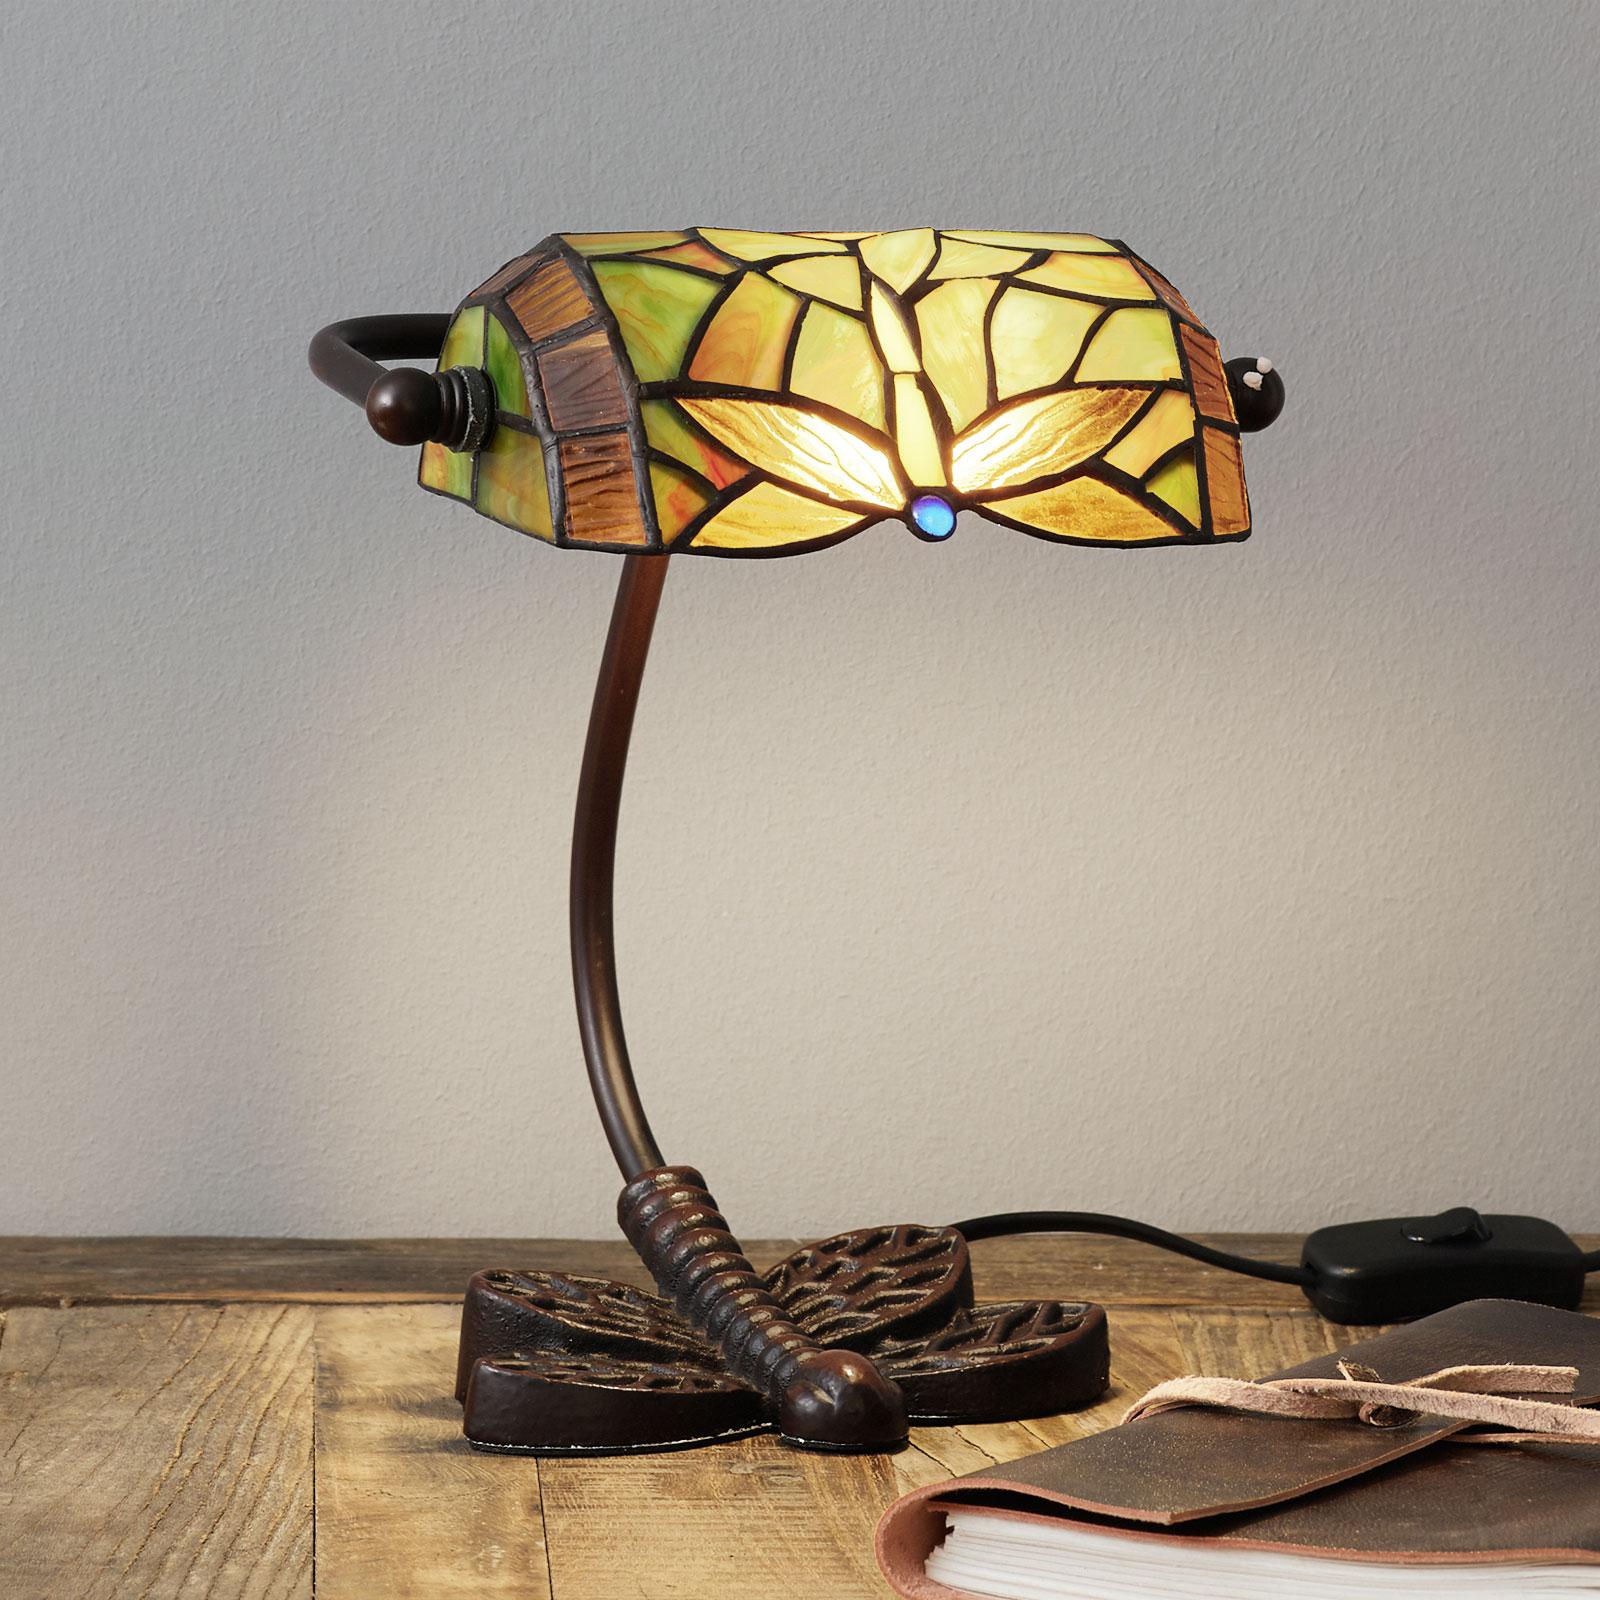 Famózní stolní lampa DRAGONFLY, ručně vyrobená